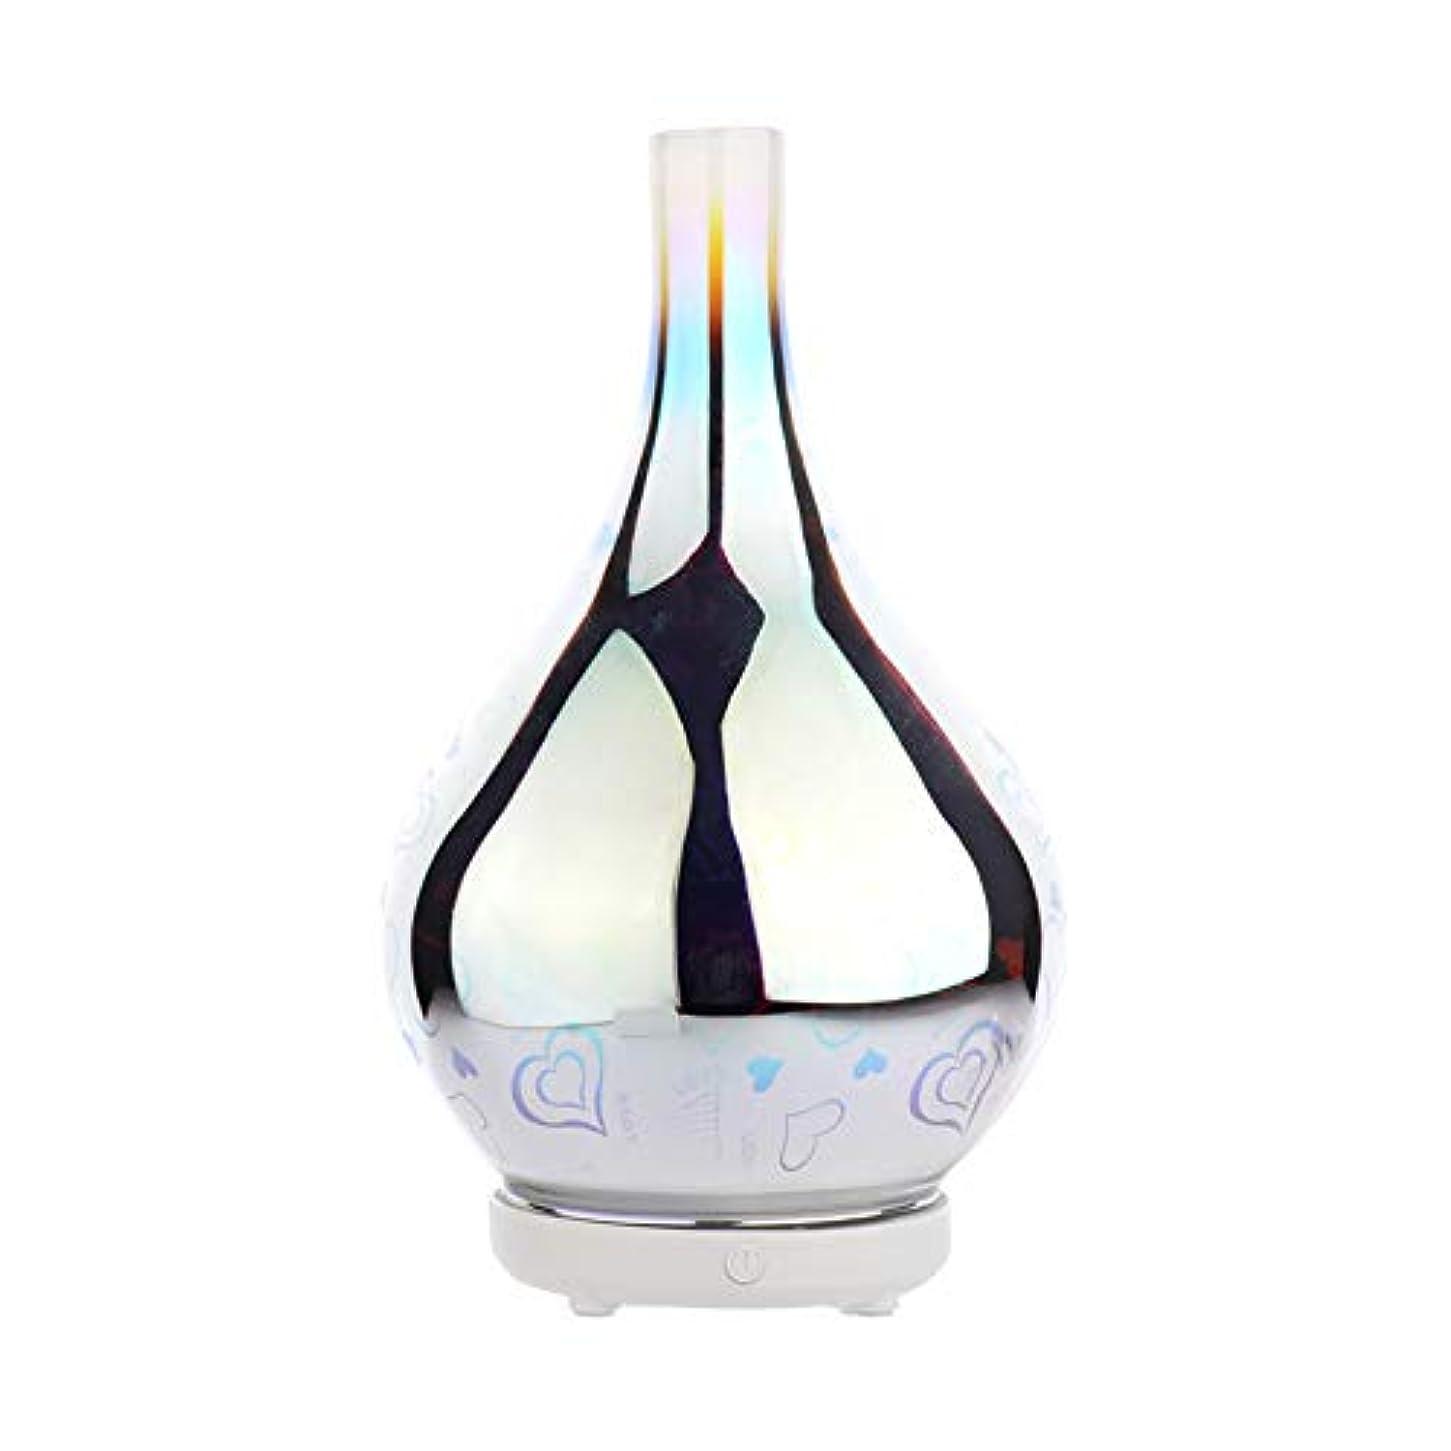 アスペクト伝説燃やすDC 二色 3Dガラス夜ライトアロマテラピーマシン 精油の拡散器 香りのアロマセラピー アロマセラピーディフューザー